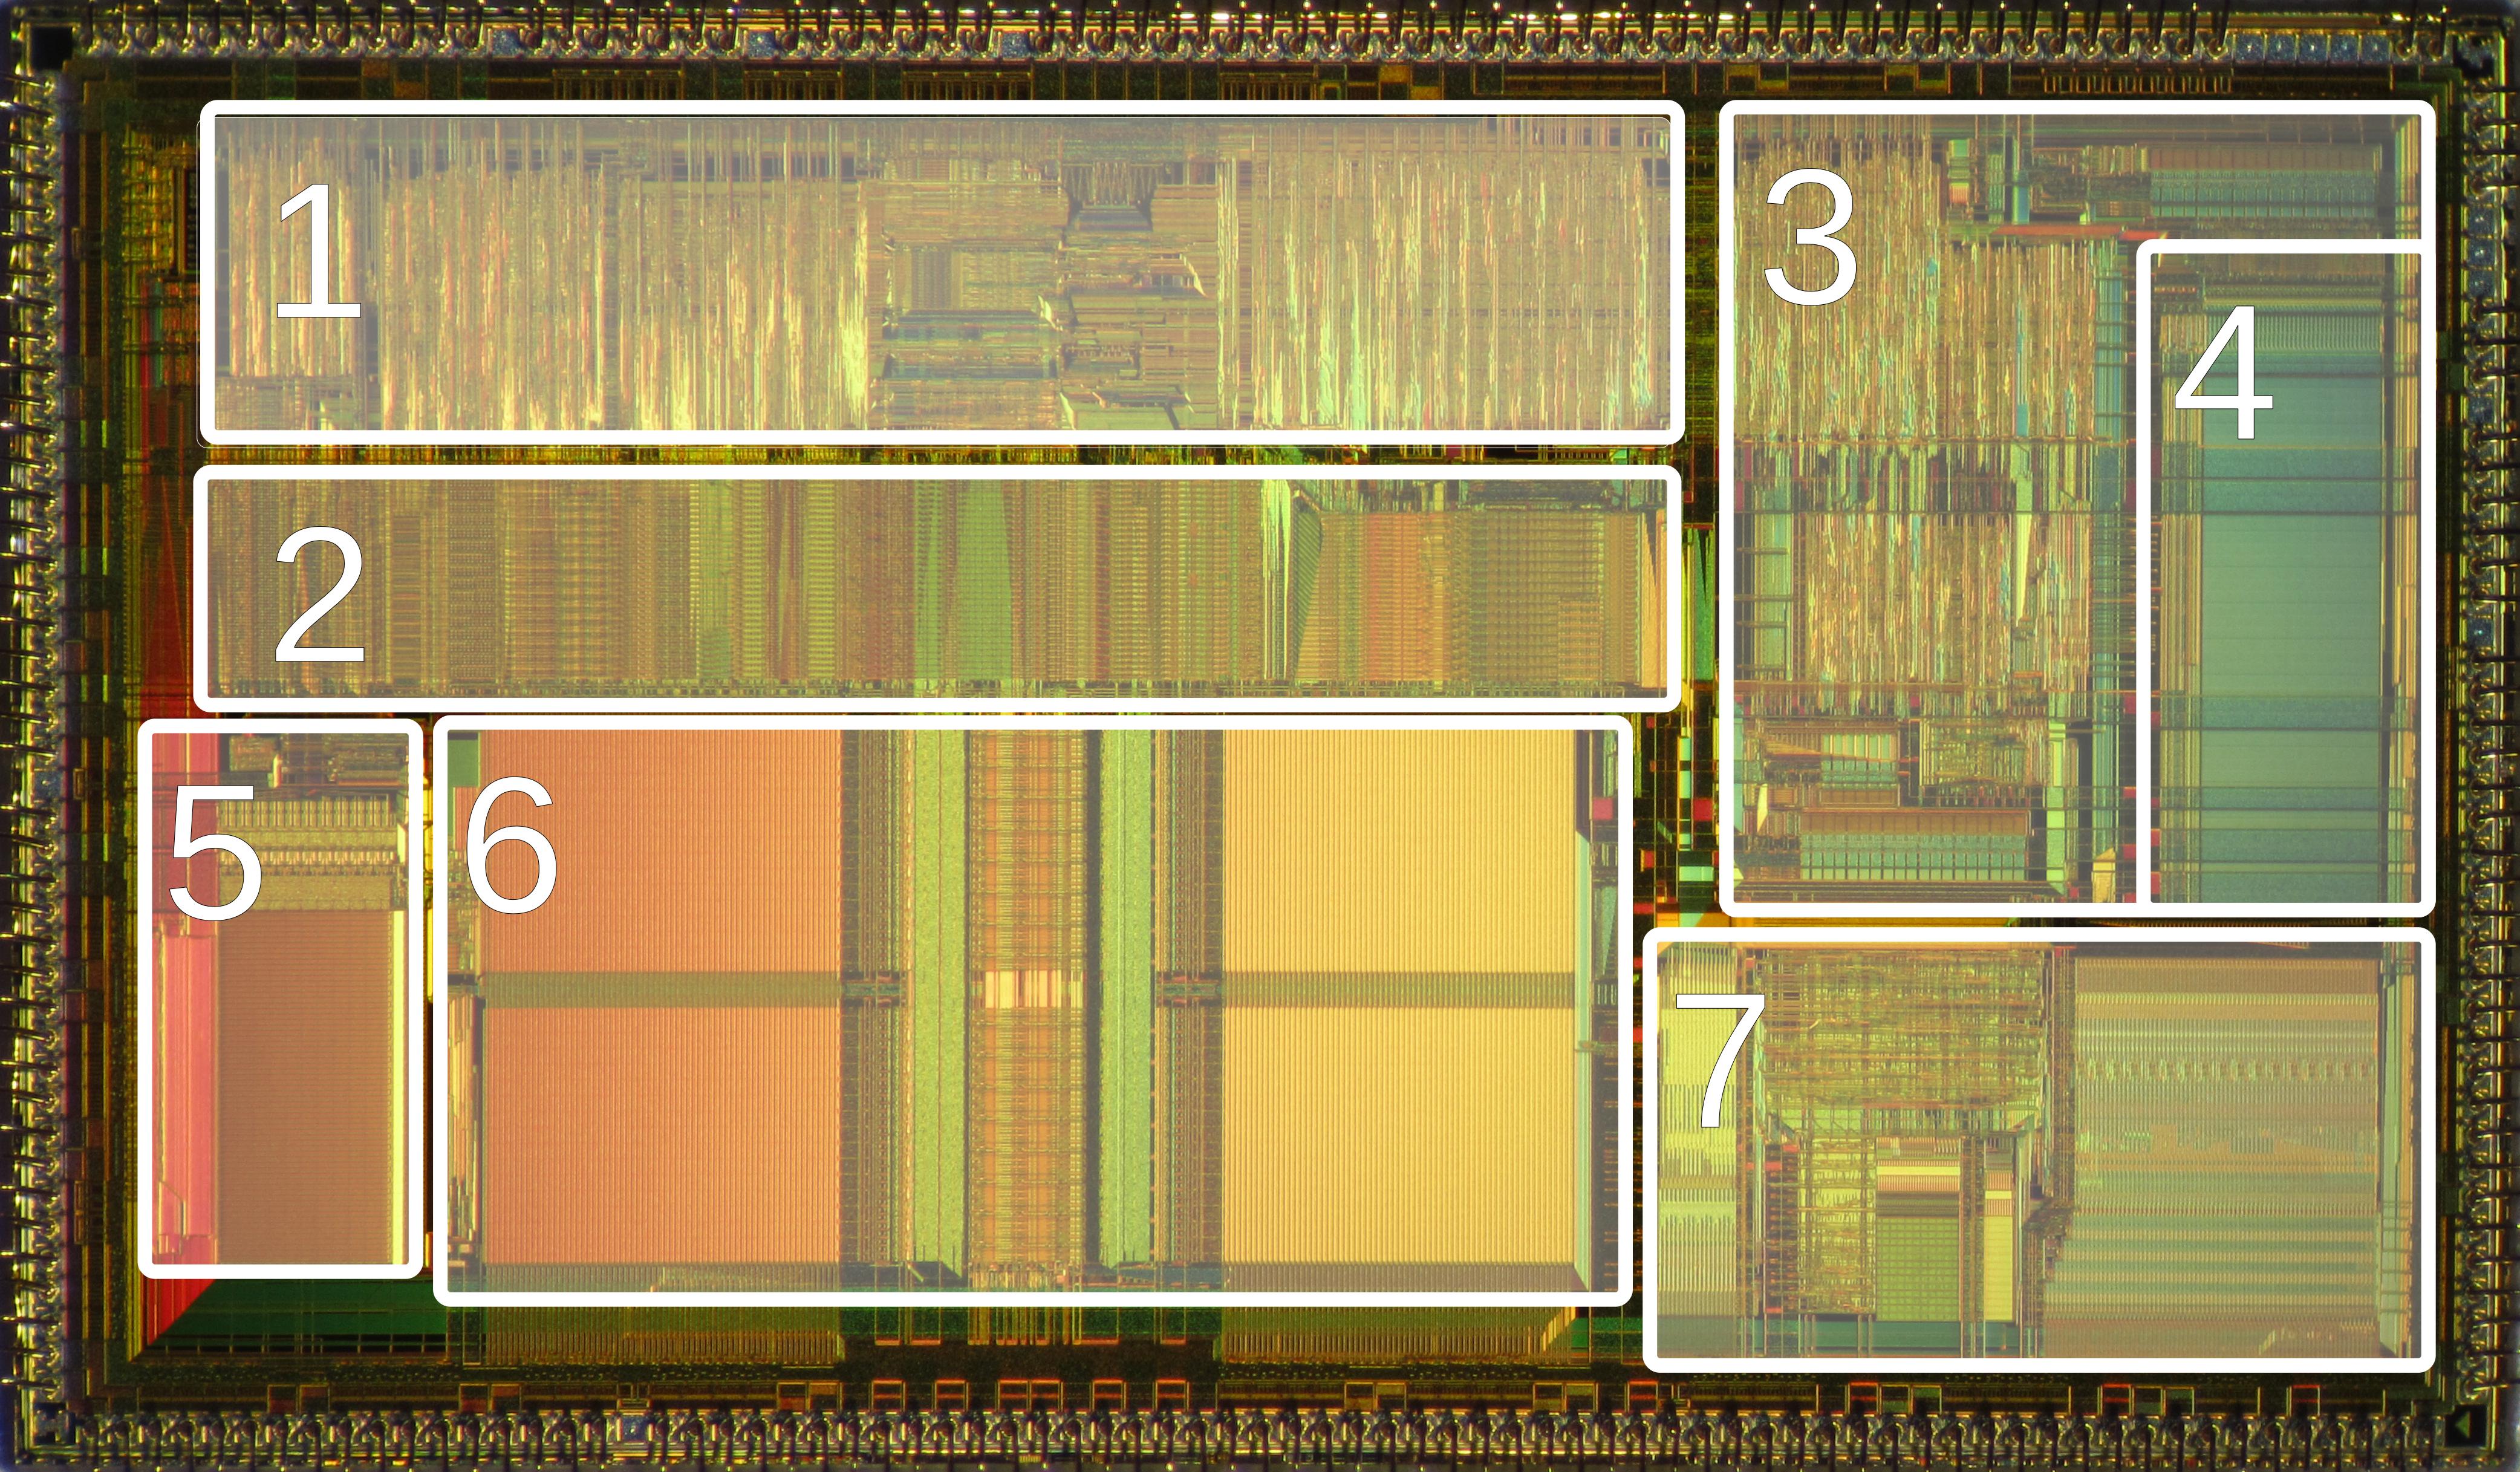 File:Intel 80486 DX2 die areas jpg - Wikimedia Commons